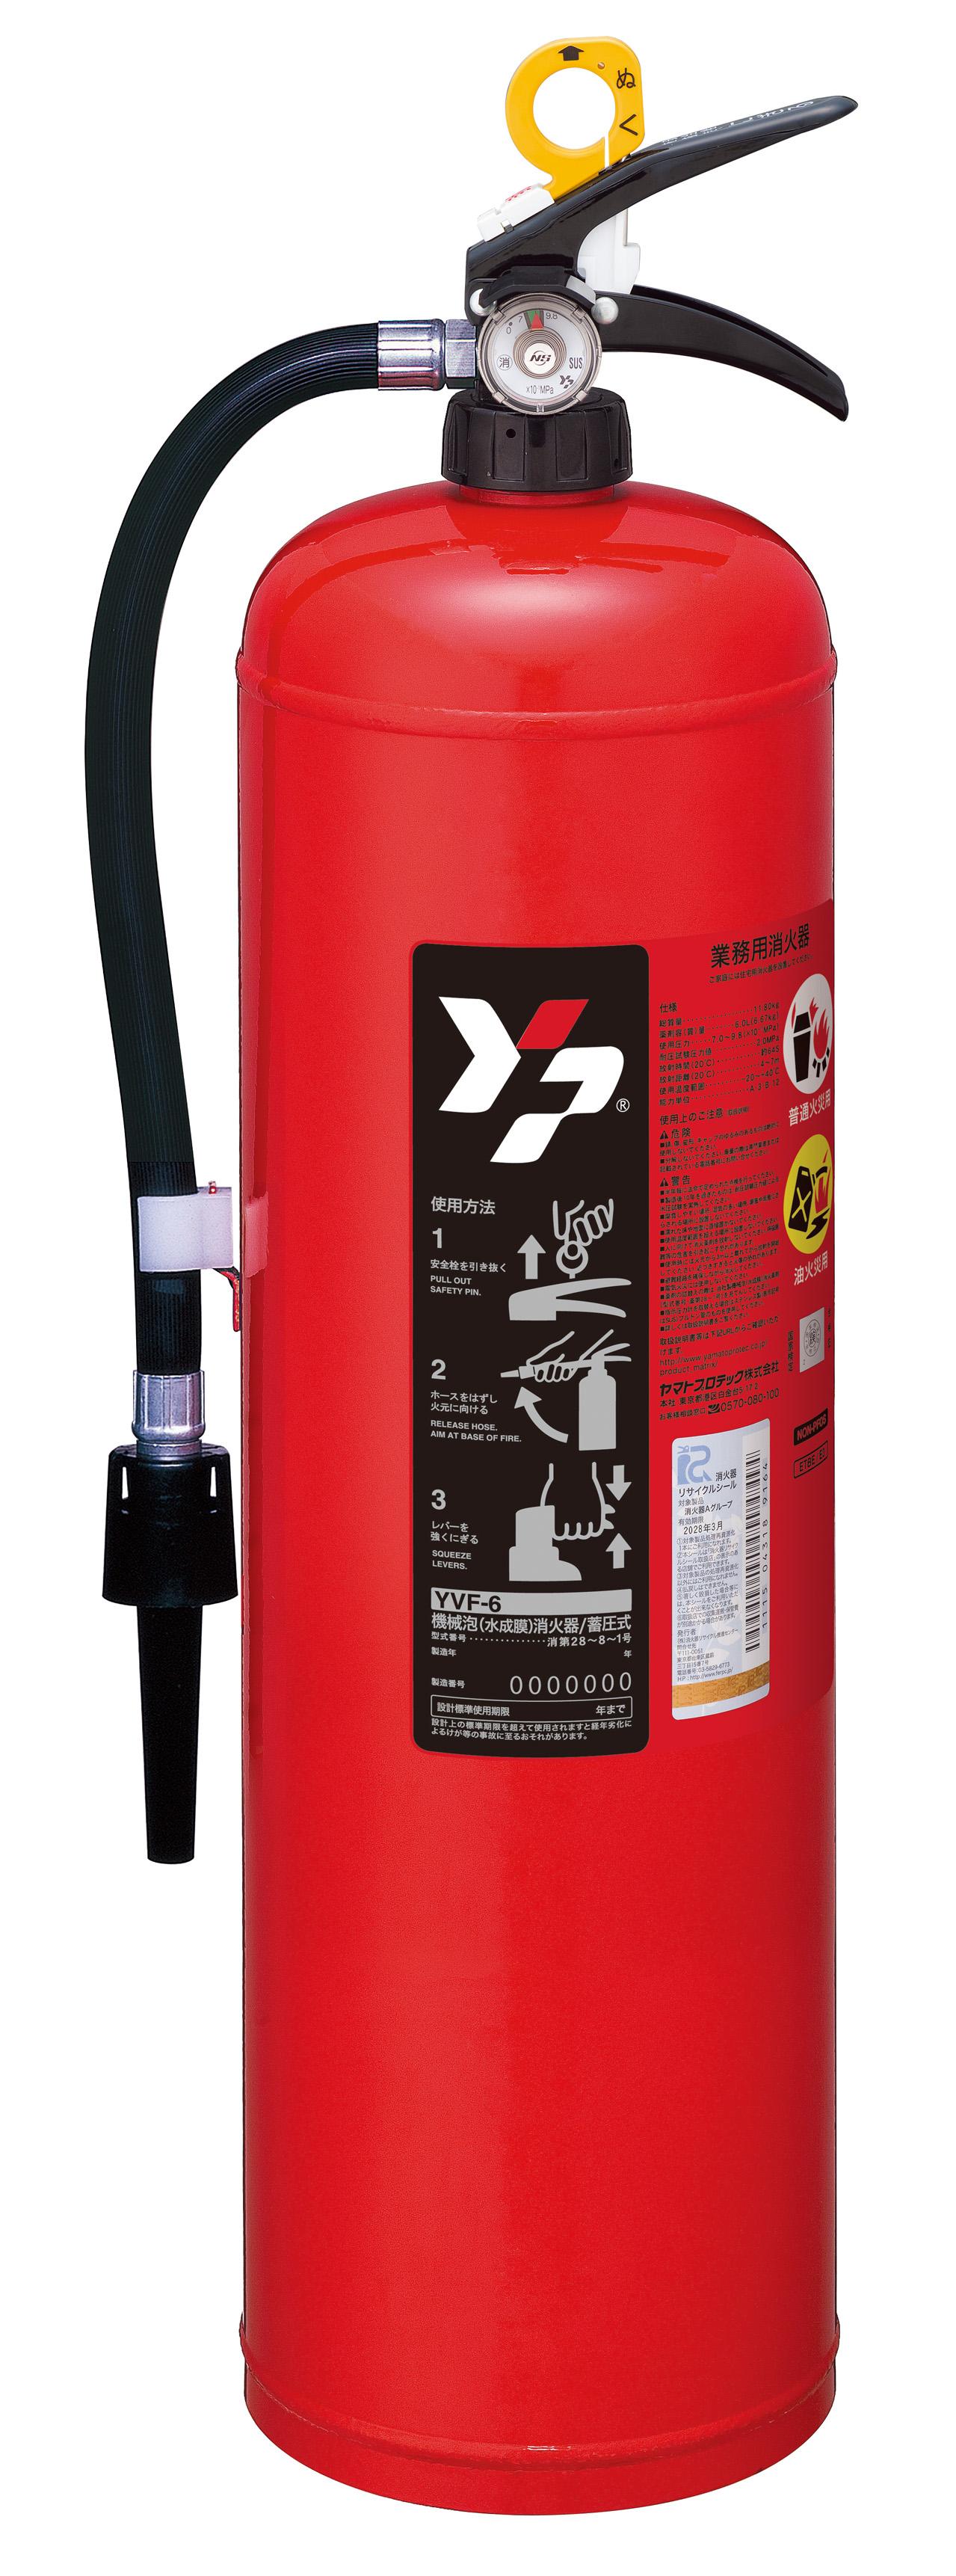 機械泡(水成膜)消火器YVF-6